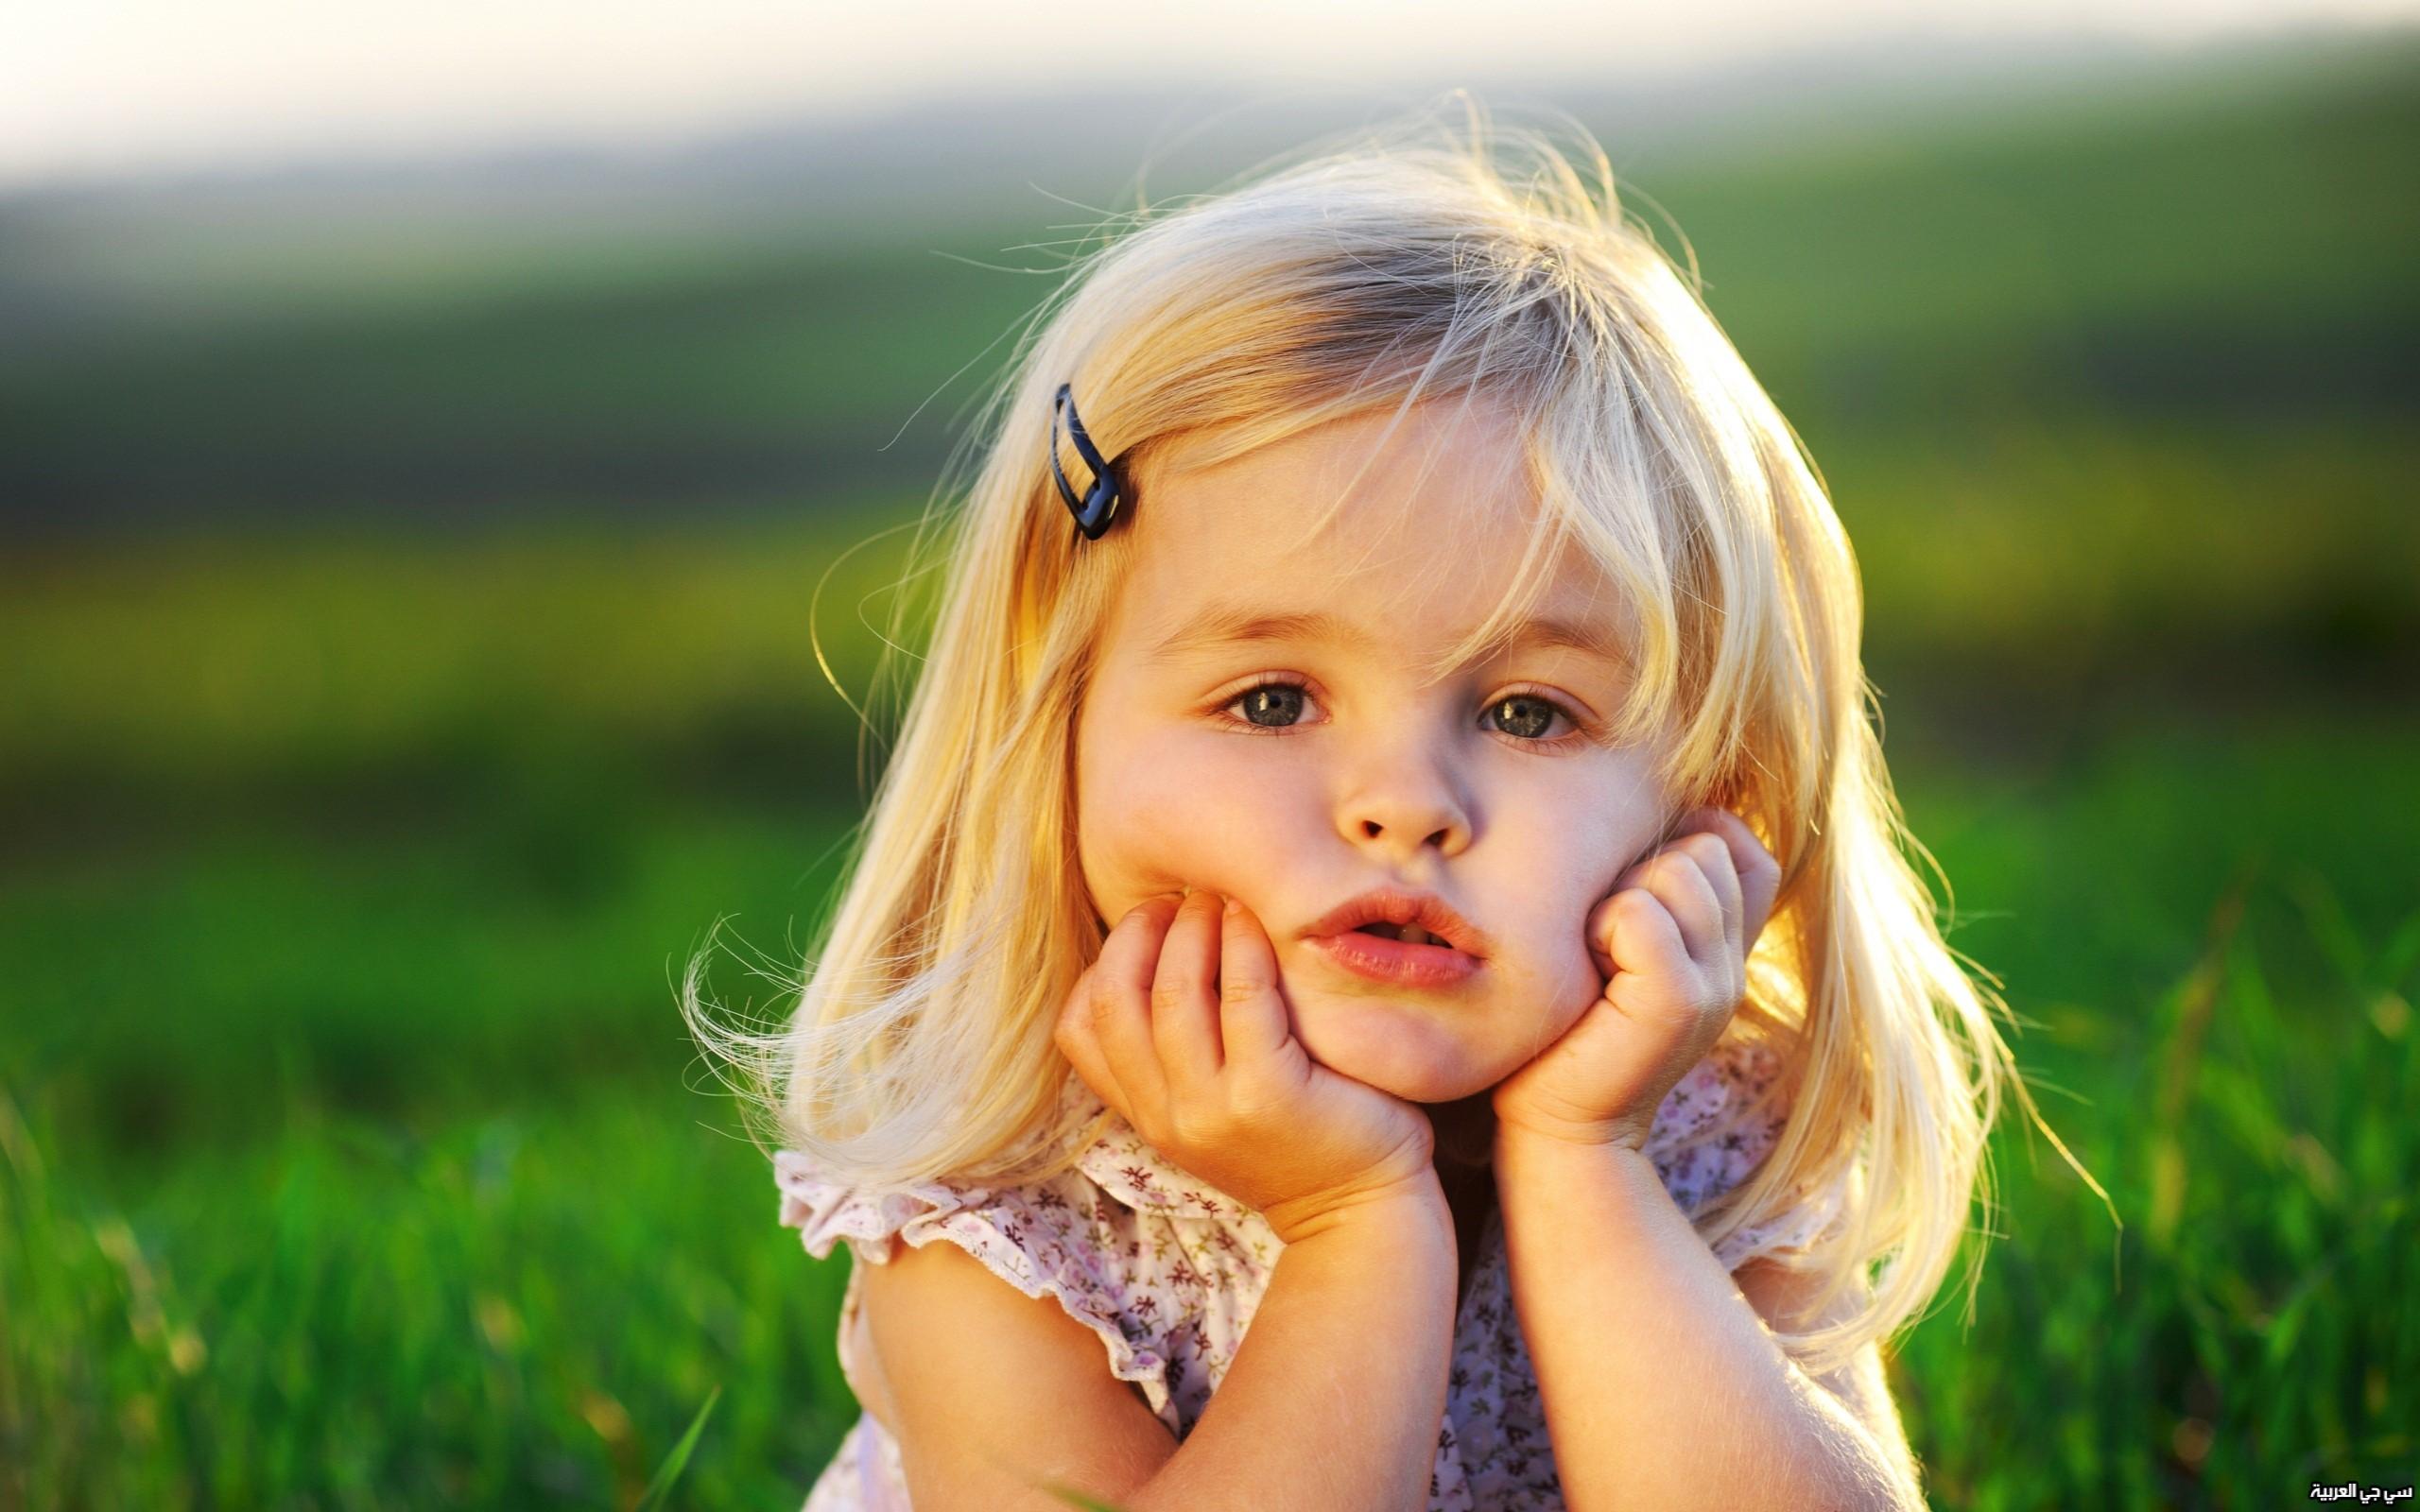 بالصور صو ر بنات جميله اطفال , صور اجمل بنات في العالم كله 11607